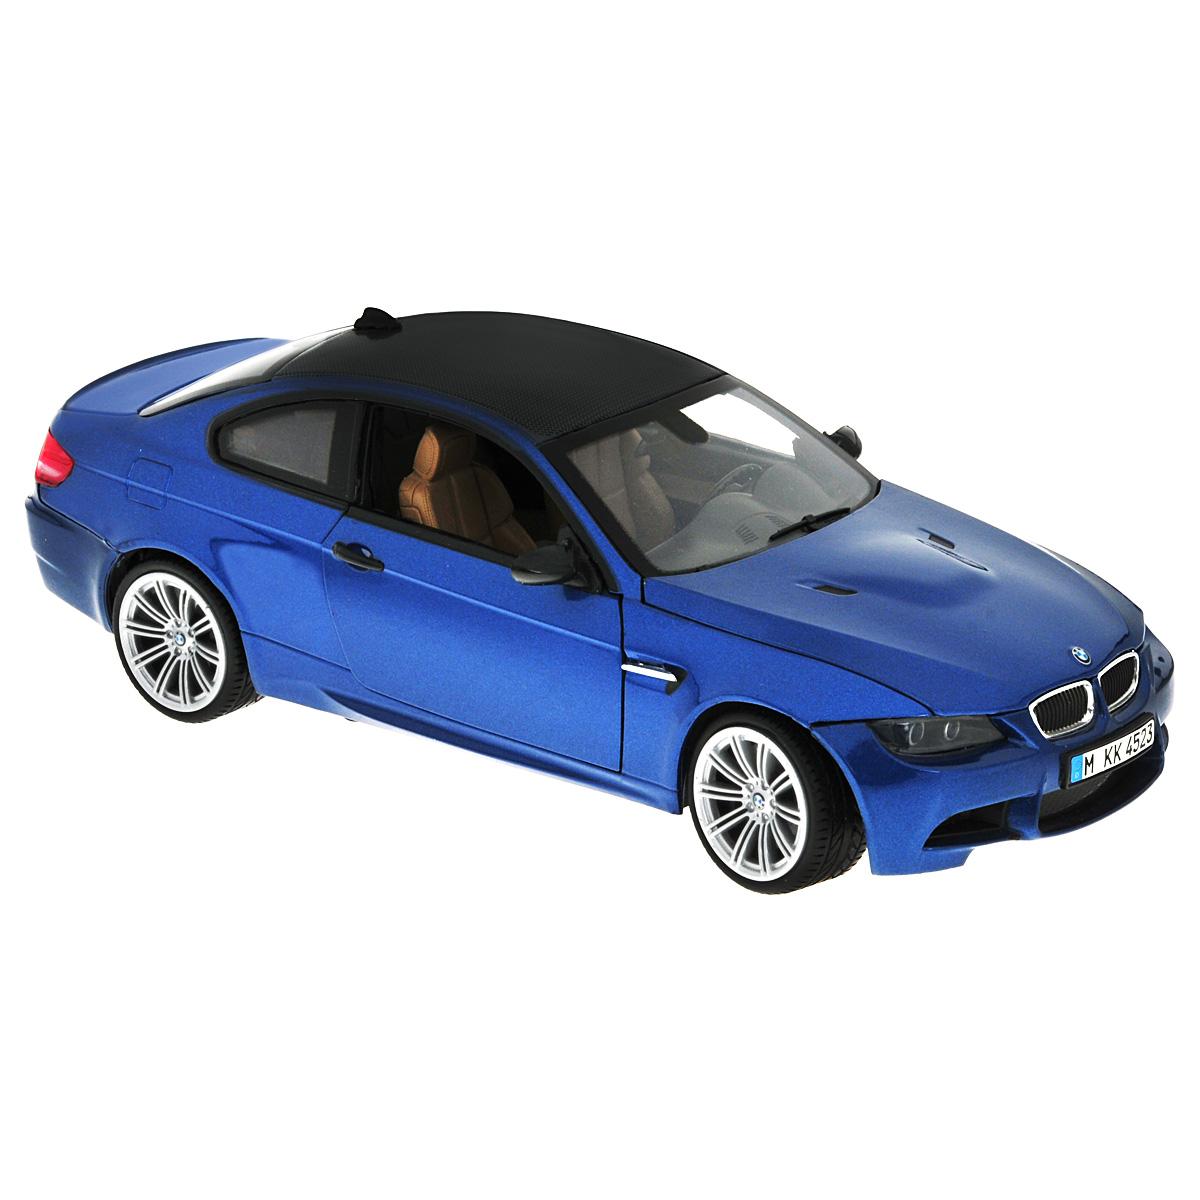 MotorMax Модель автомобиля BMW M3 Coupe цвет синийdarkblue/ast73182Коллекционная модель MotorMax BMW M3 Coupe станет хорошим подарком для любого ценителя автомобилей. Агрессивный и практичный автомобиль, изготовленный немецким концерном BMW, славящимся своей педантичностью в проработке деталей, не нуждается в представлении. Различные модификации BMW M3 нашли широкое отражение даже в компьютерной игре Need for Speed, появившись сразу в нескольких играх серии. Модель BMW M3 Coupe изготовлена брендом MOTORMAX с не меньшим вниманием к деталям, чем у ее прототипа. В совершенстве воспроизведены разнообразные элементы интерьера и «начинки» авто, включая приборную панель и двигатель в моторном отсеке. У автомобиля открываются двери и капот, поворачиваются колеса. Для изготовления корпуса машинки использован литой металл (die cast) с пластиковыми элементами, а еще у этого автомобиля шины из настоящей резины. Модель помещена на пластиковую подставку с оригинальным названием машины. Эта игрушка станет великолепным подарком...